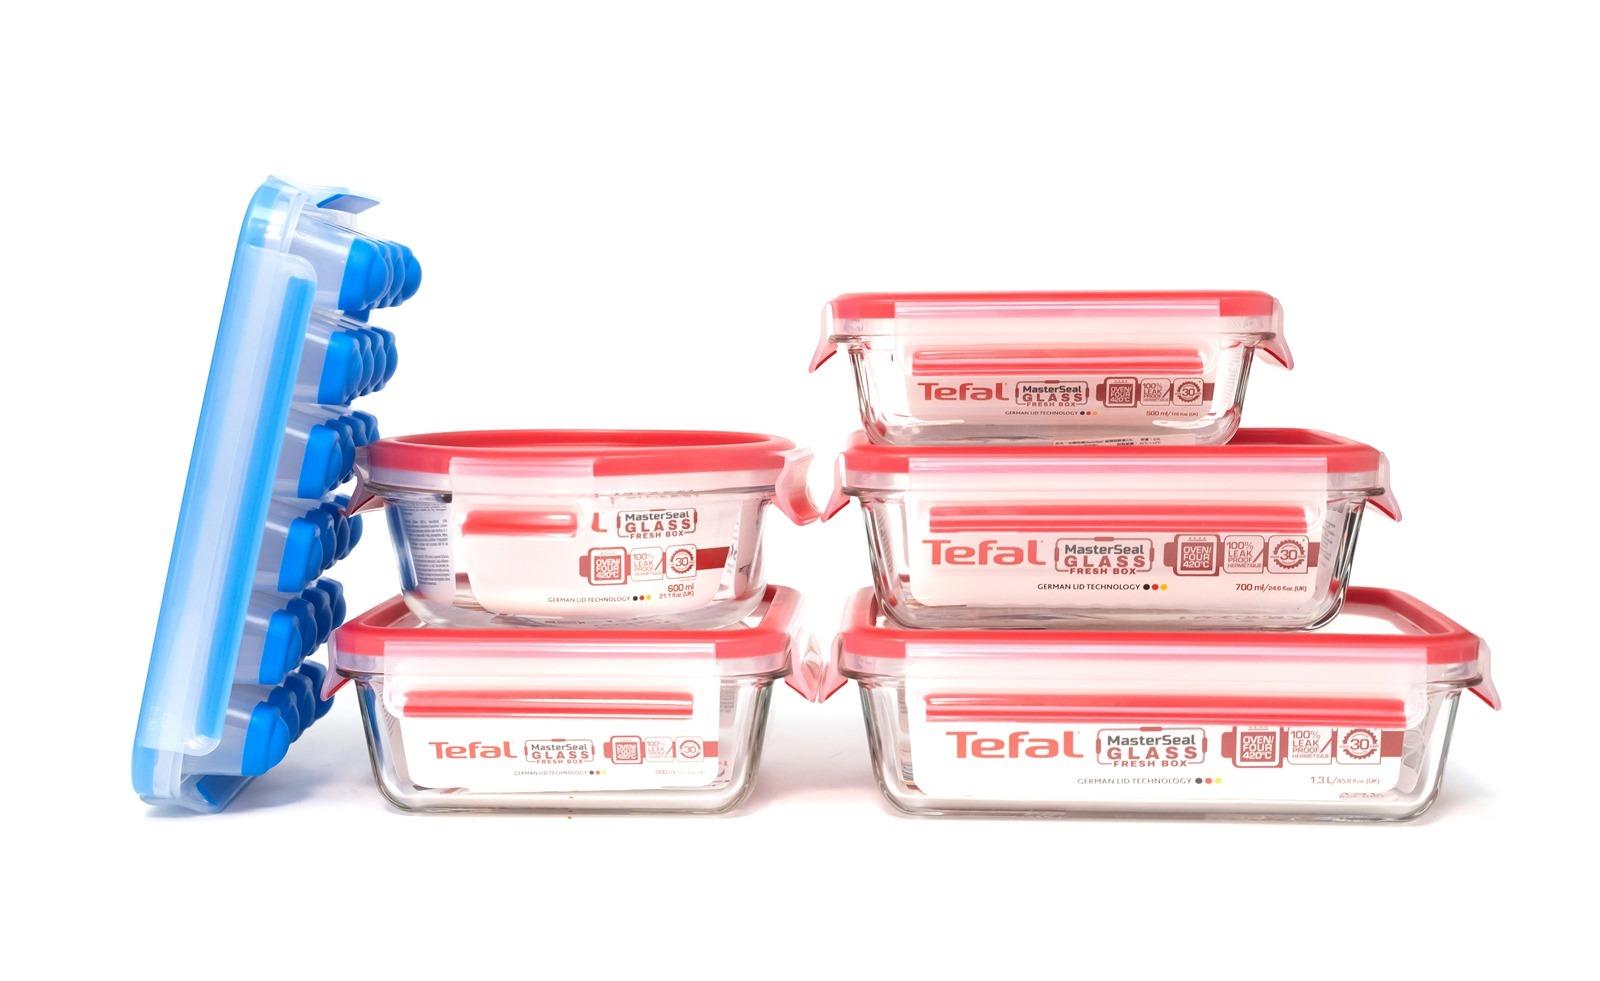 【開箱】法國Tefal 無縫膠圈保鮮盒,輕鬆清潔,無縫保鮮200%!